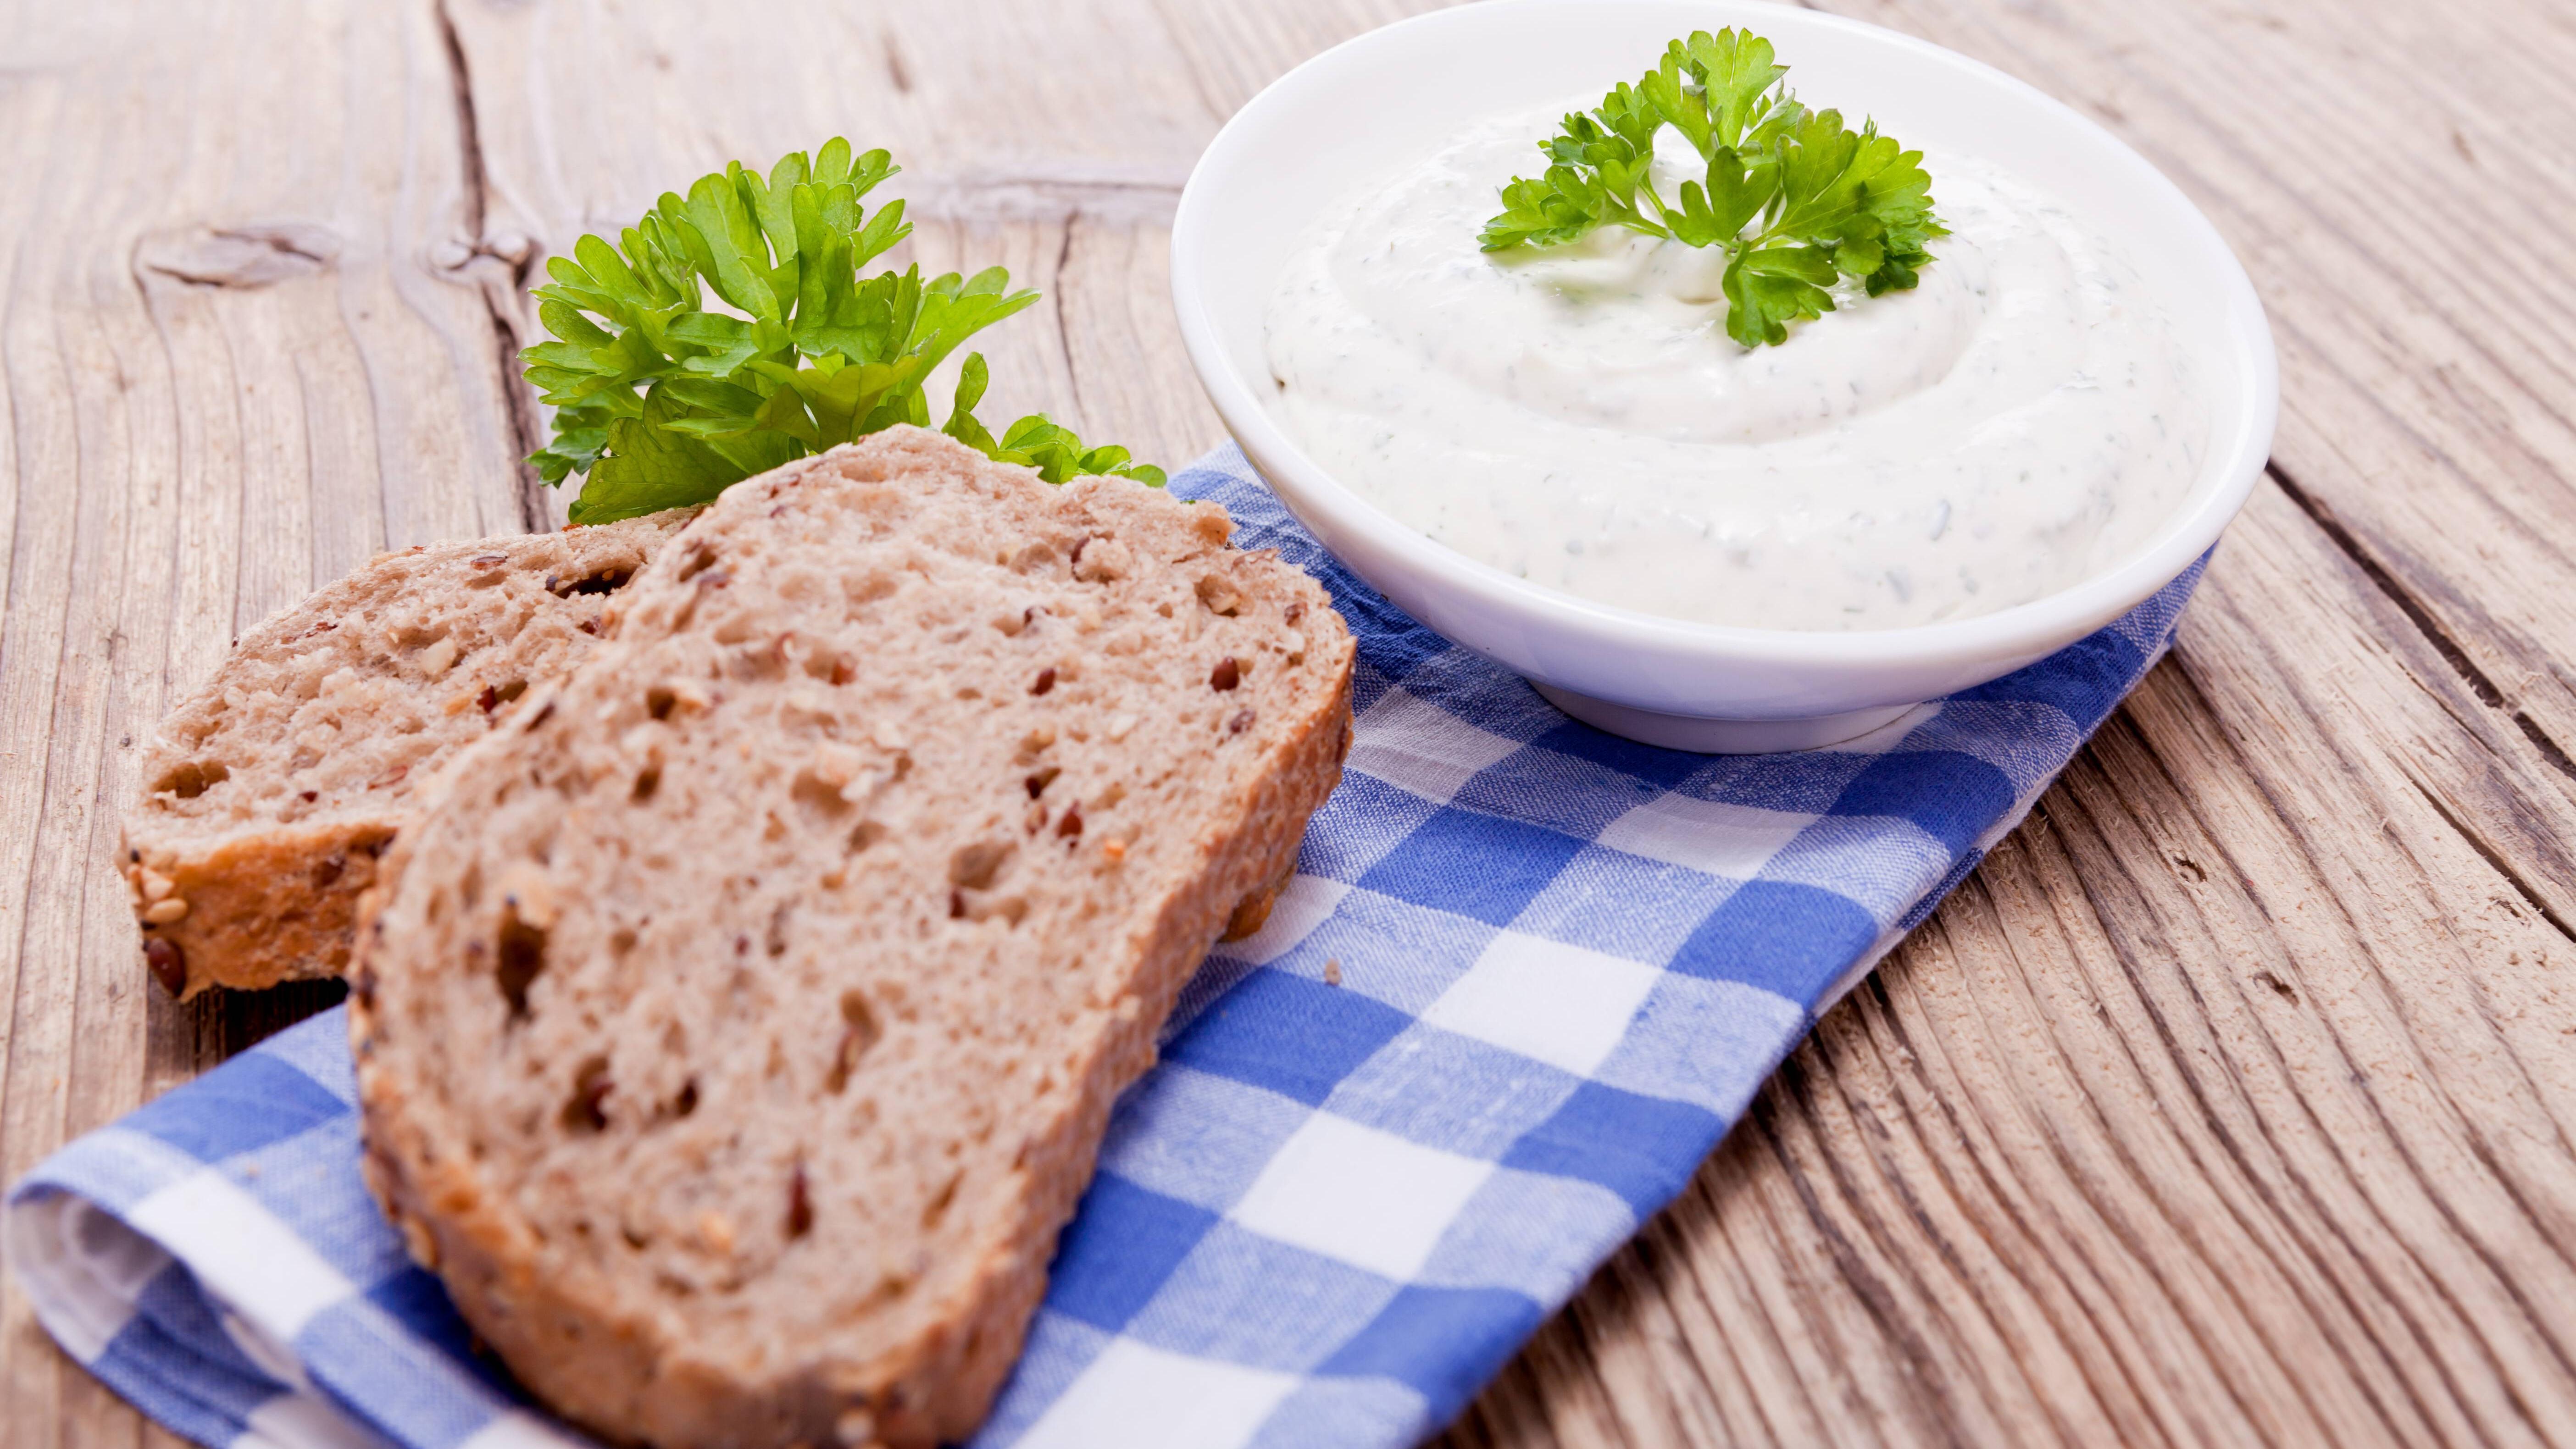 Für glutenfreies Brot gibt es einige Alternativen zu Weizenmehl